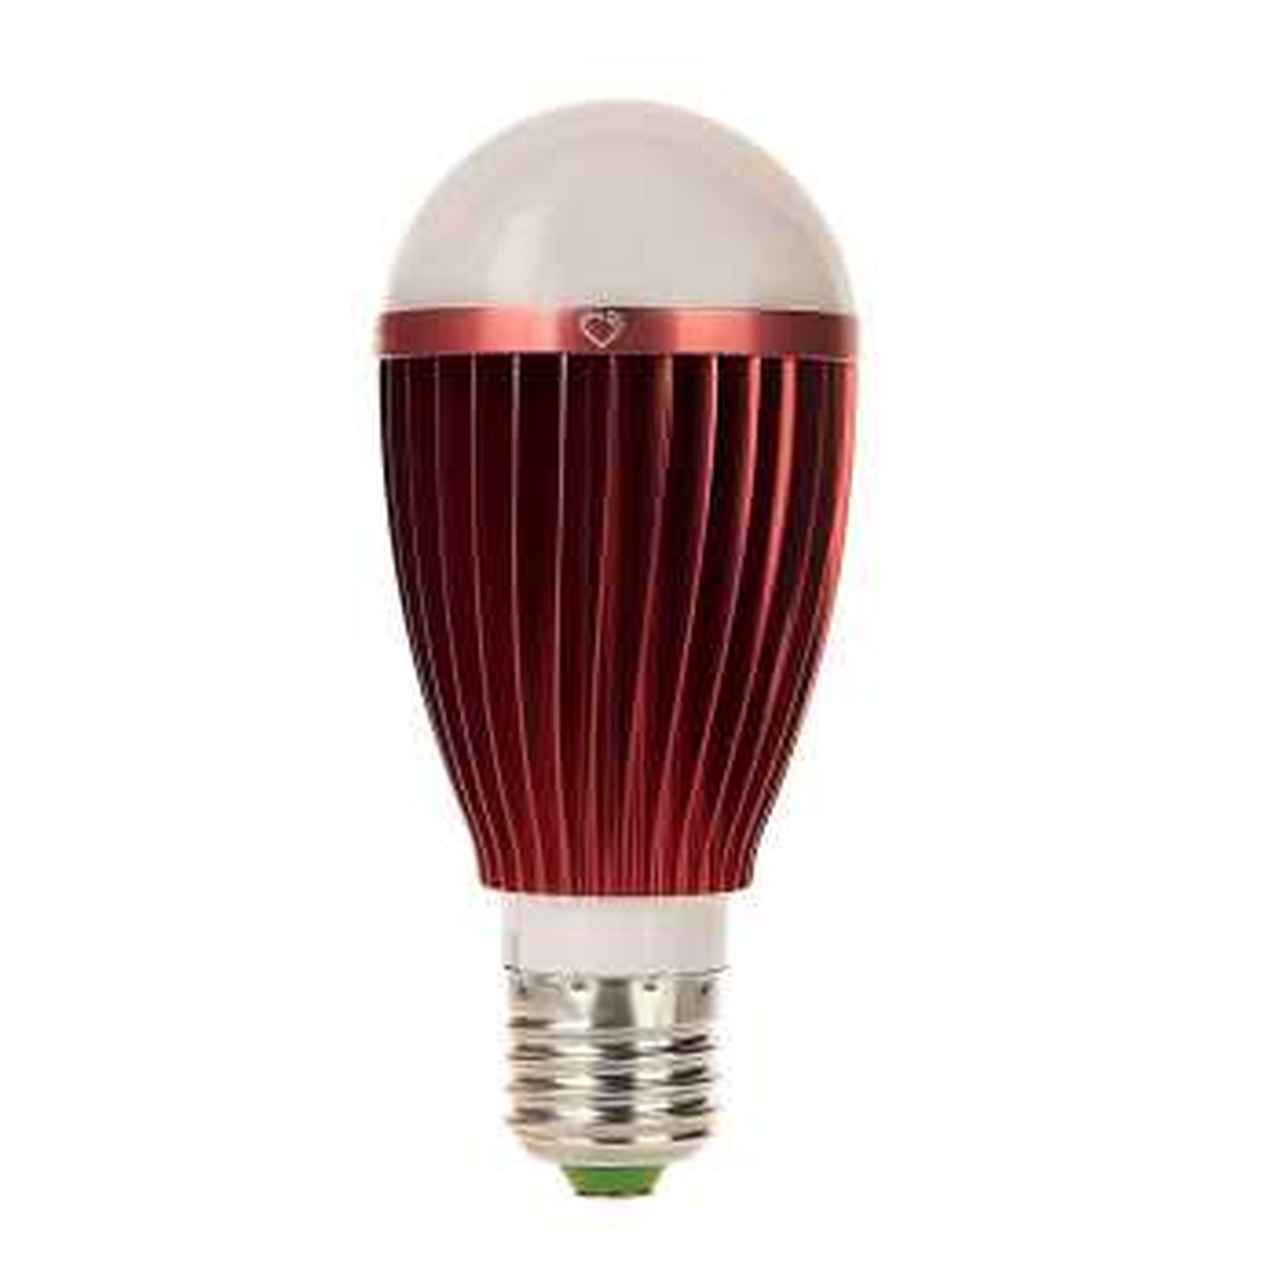 لامپ هوشمند نیلیگو مدل Prism 60W